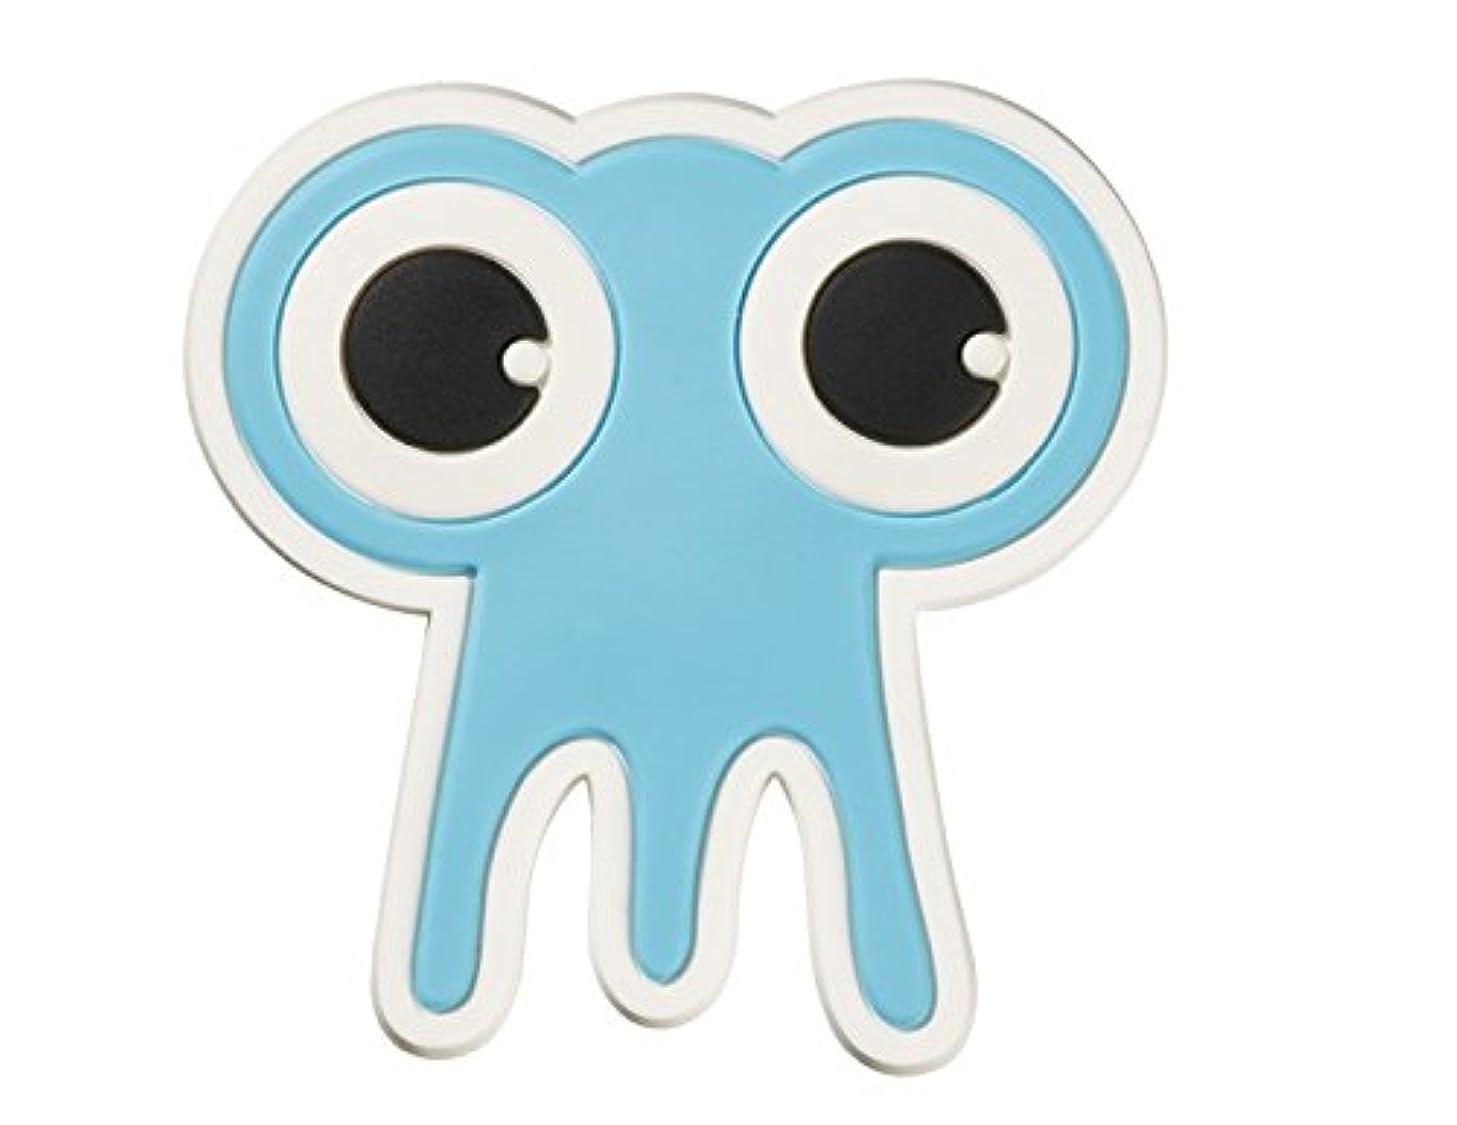 Tinc SHPRTOBL Soft PVC Tonkin Character Pencil Sharpener - Blue